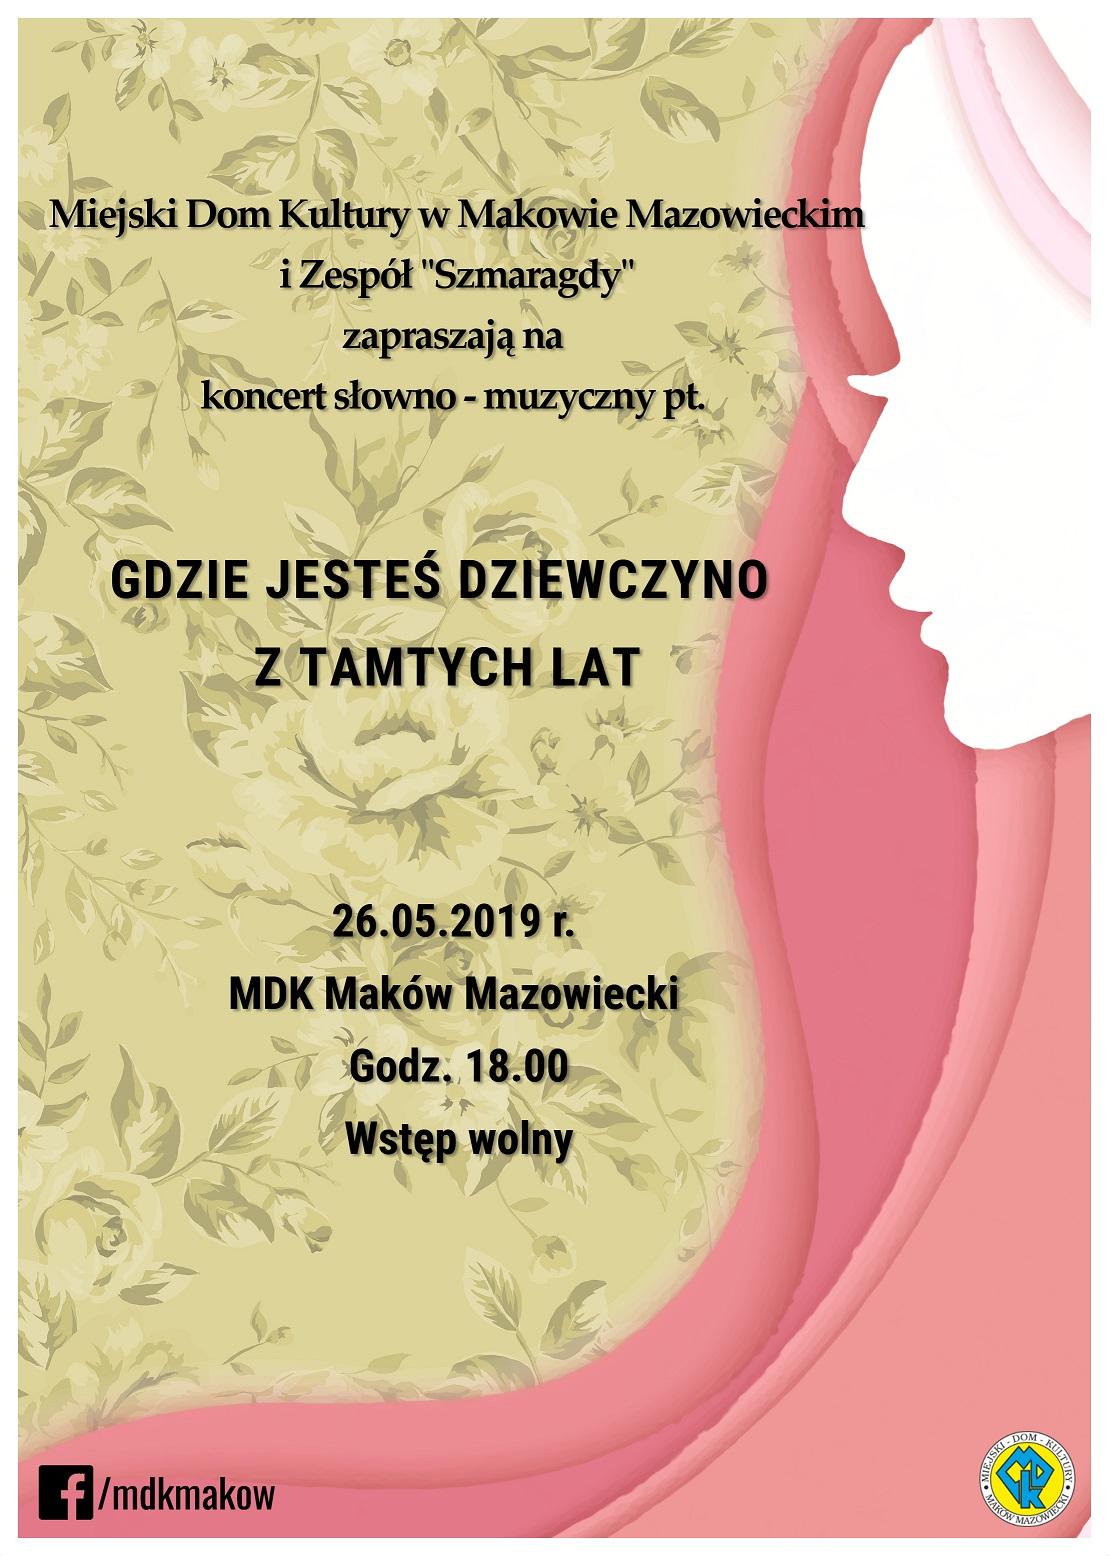 Plakat. Gdzie jesteś dziewczyno z tamtych lat. Koncert słowno-muzyczny w wykonaniu Zespołu Szmaragdy. 26 maja godzina 18:00